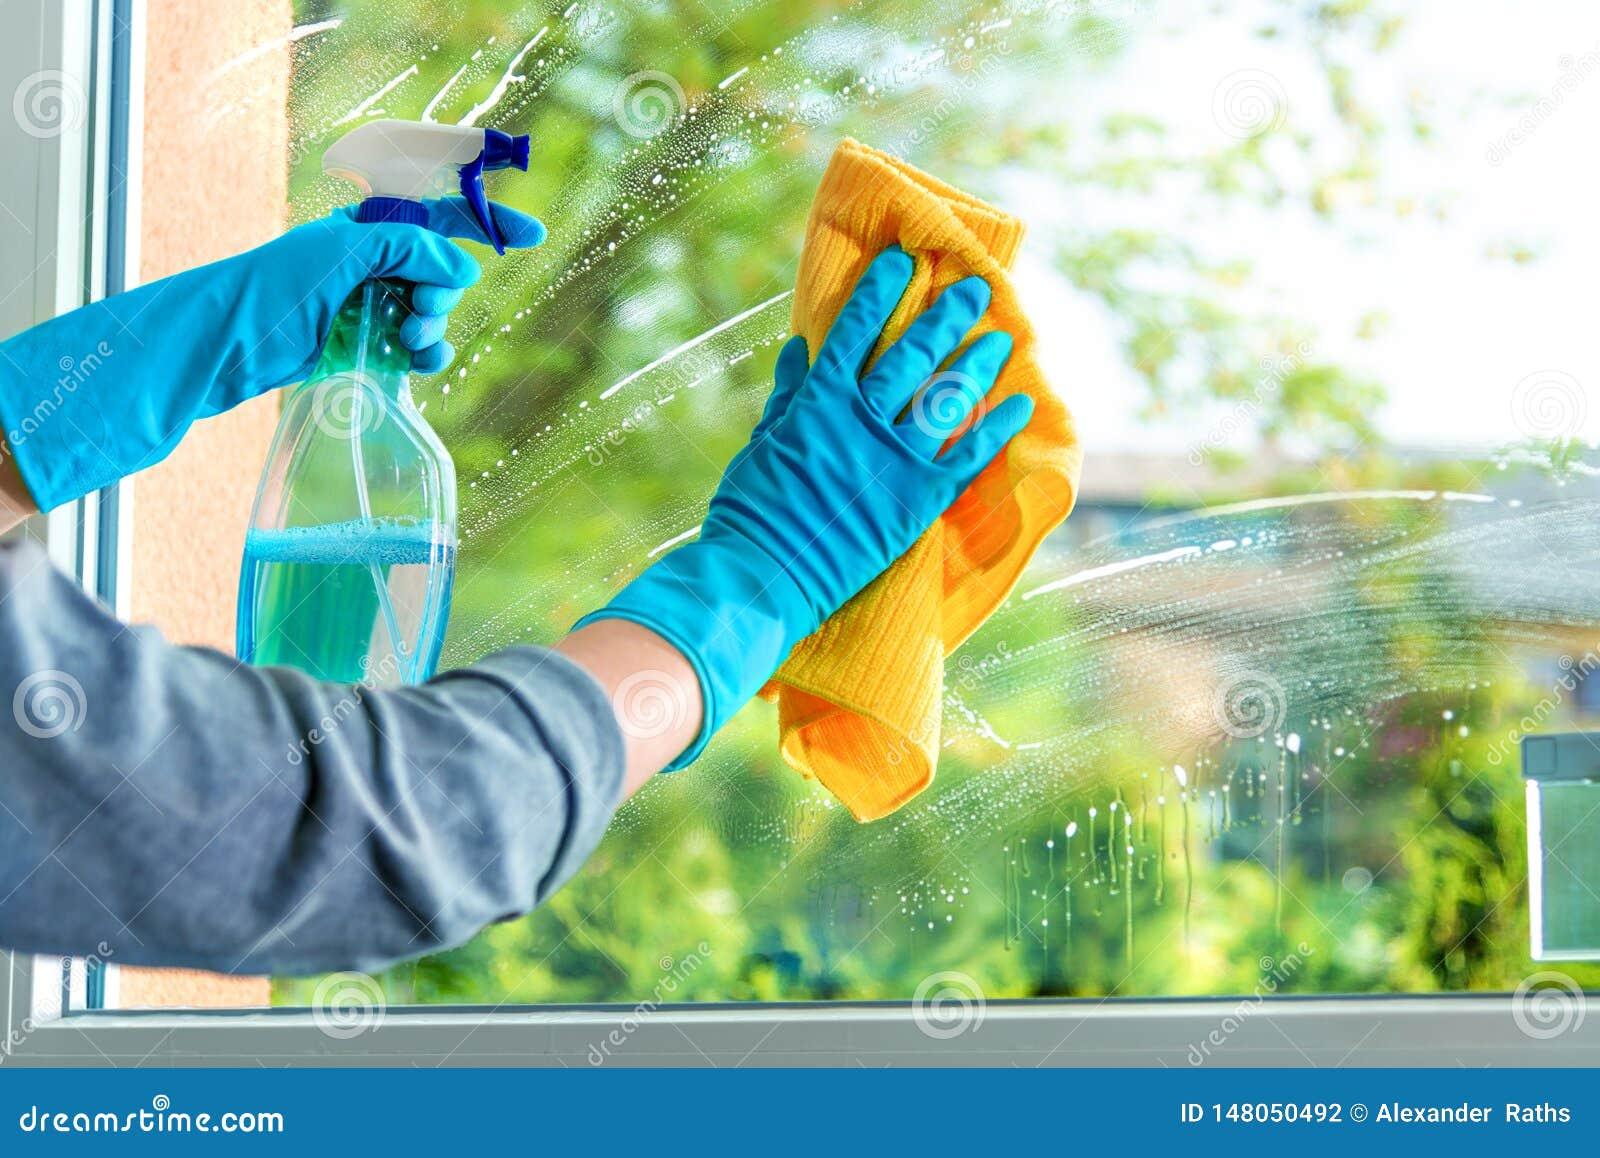 Cristal de ventana de la limpieza con el detergente